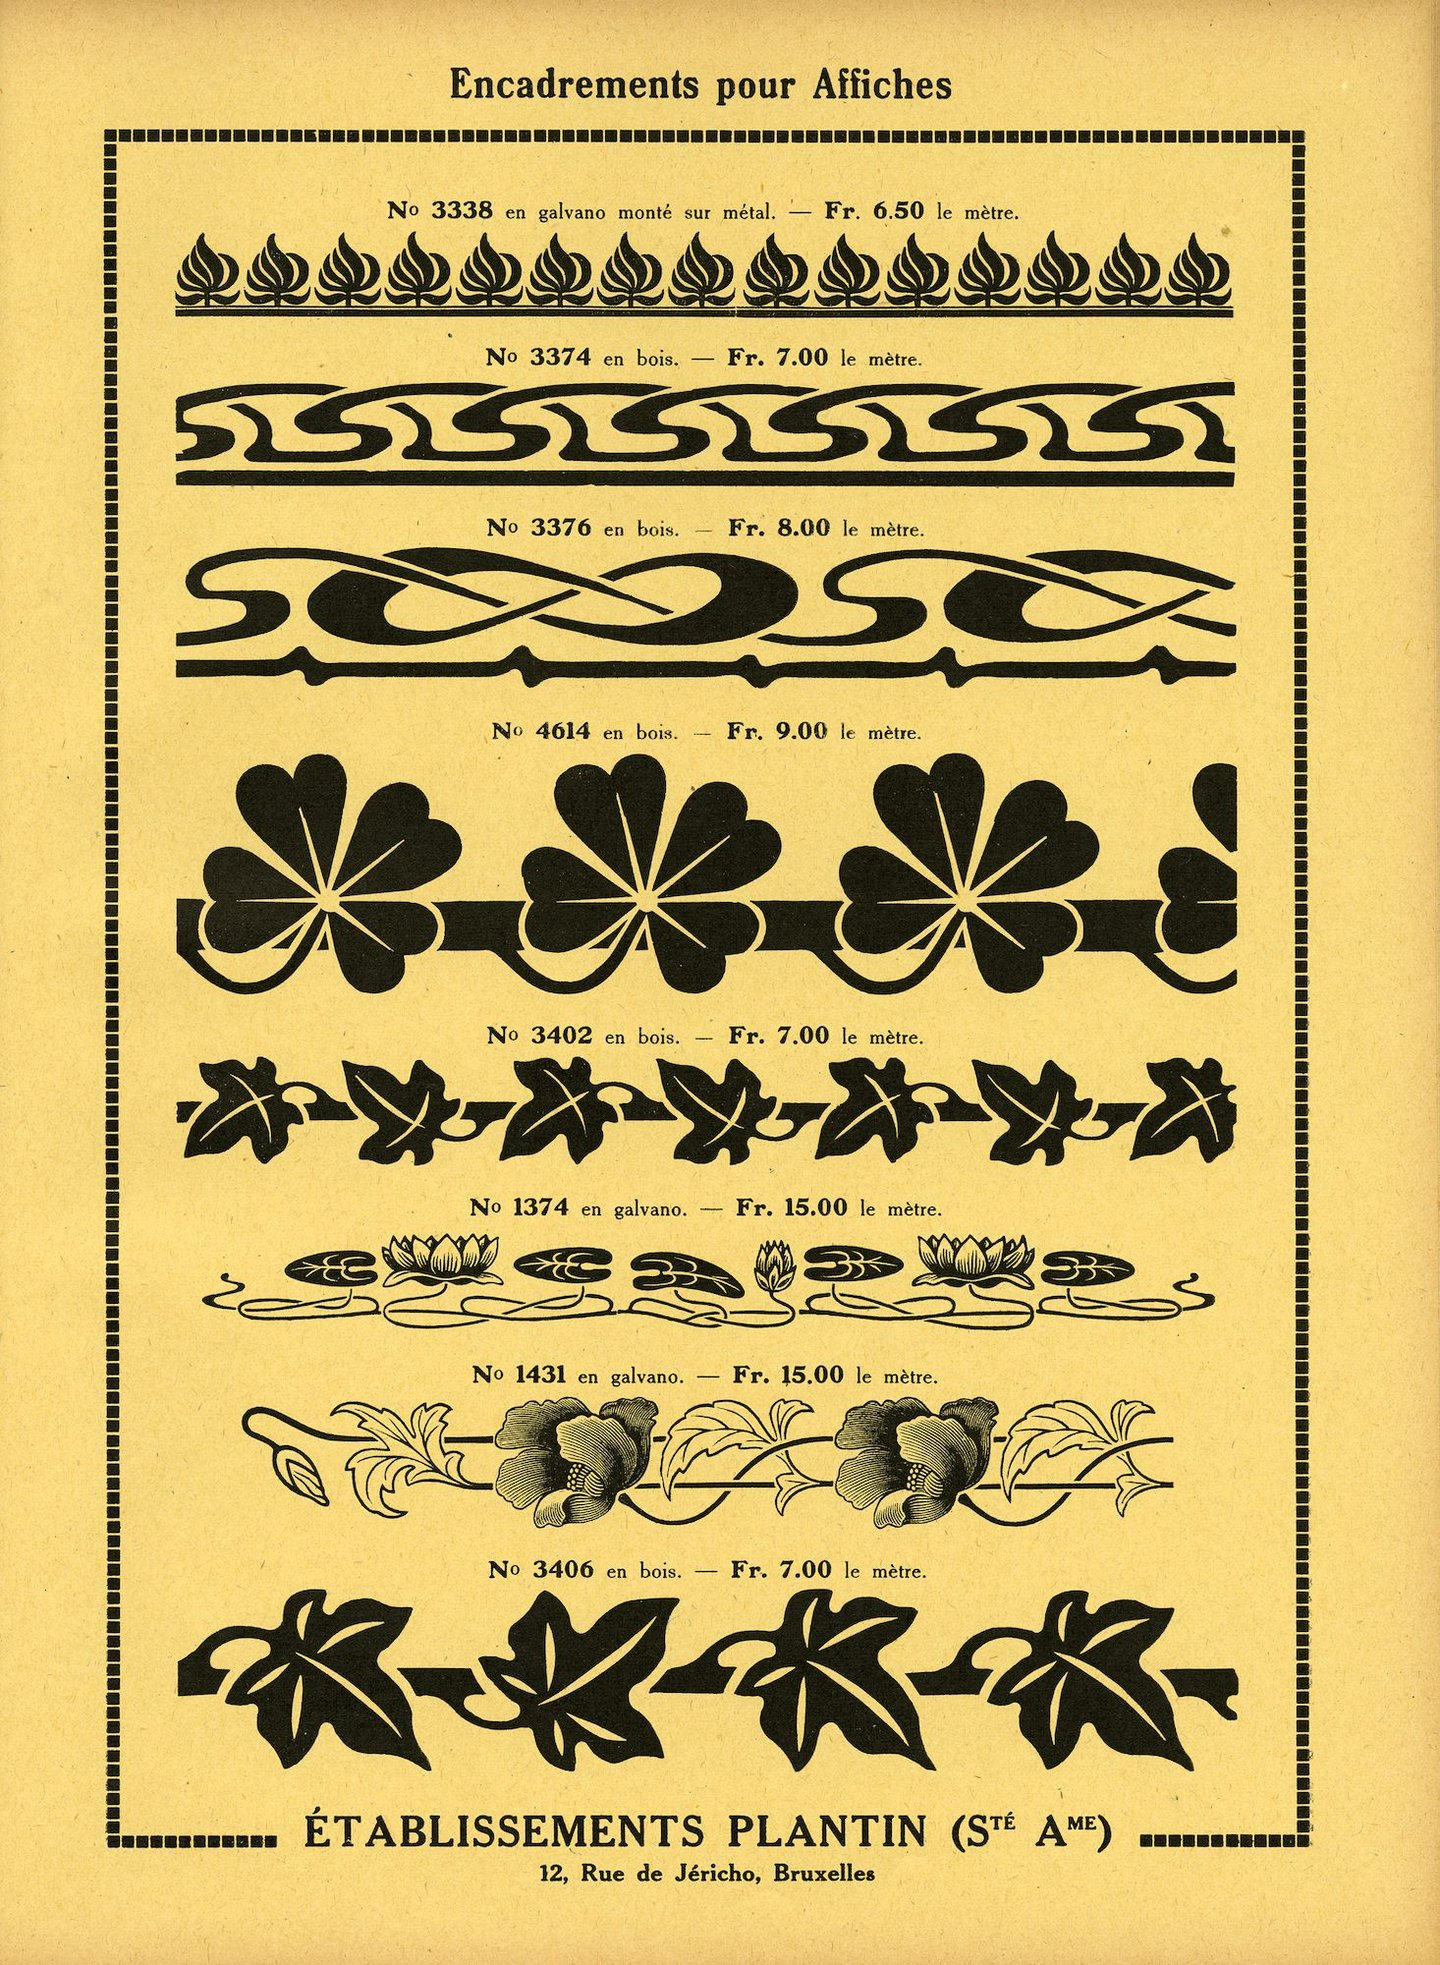 Voorbeeld van tekens voor de omlijsting van affiches van de firma Plantin te Brussel